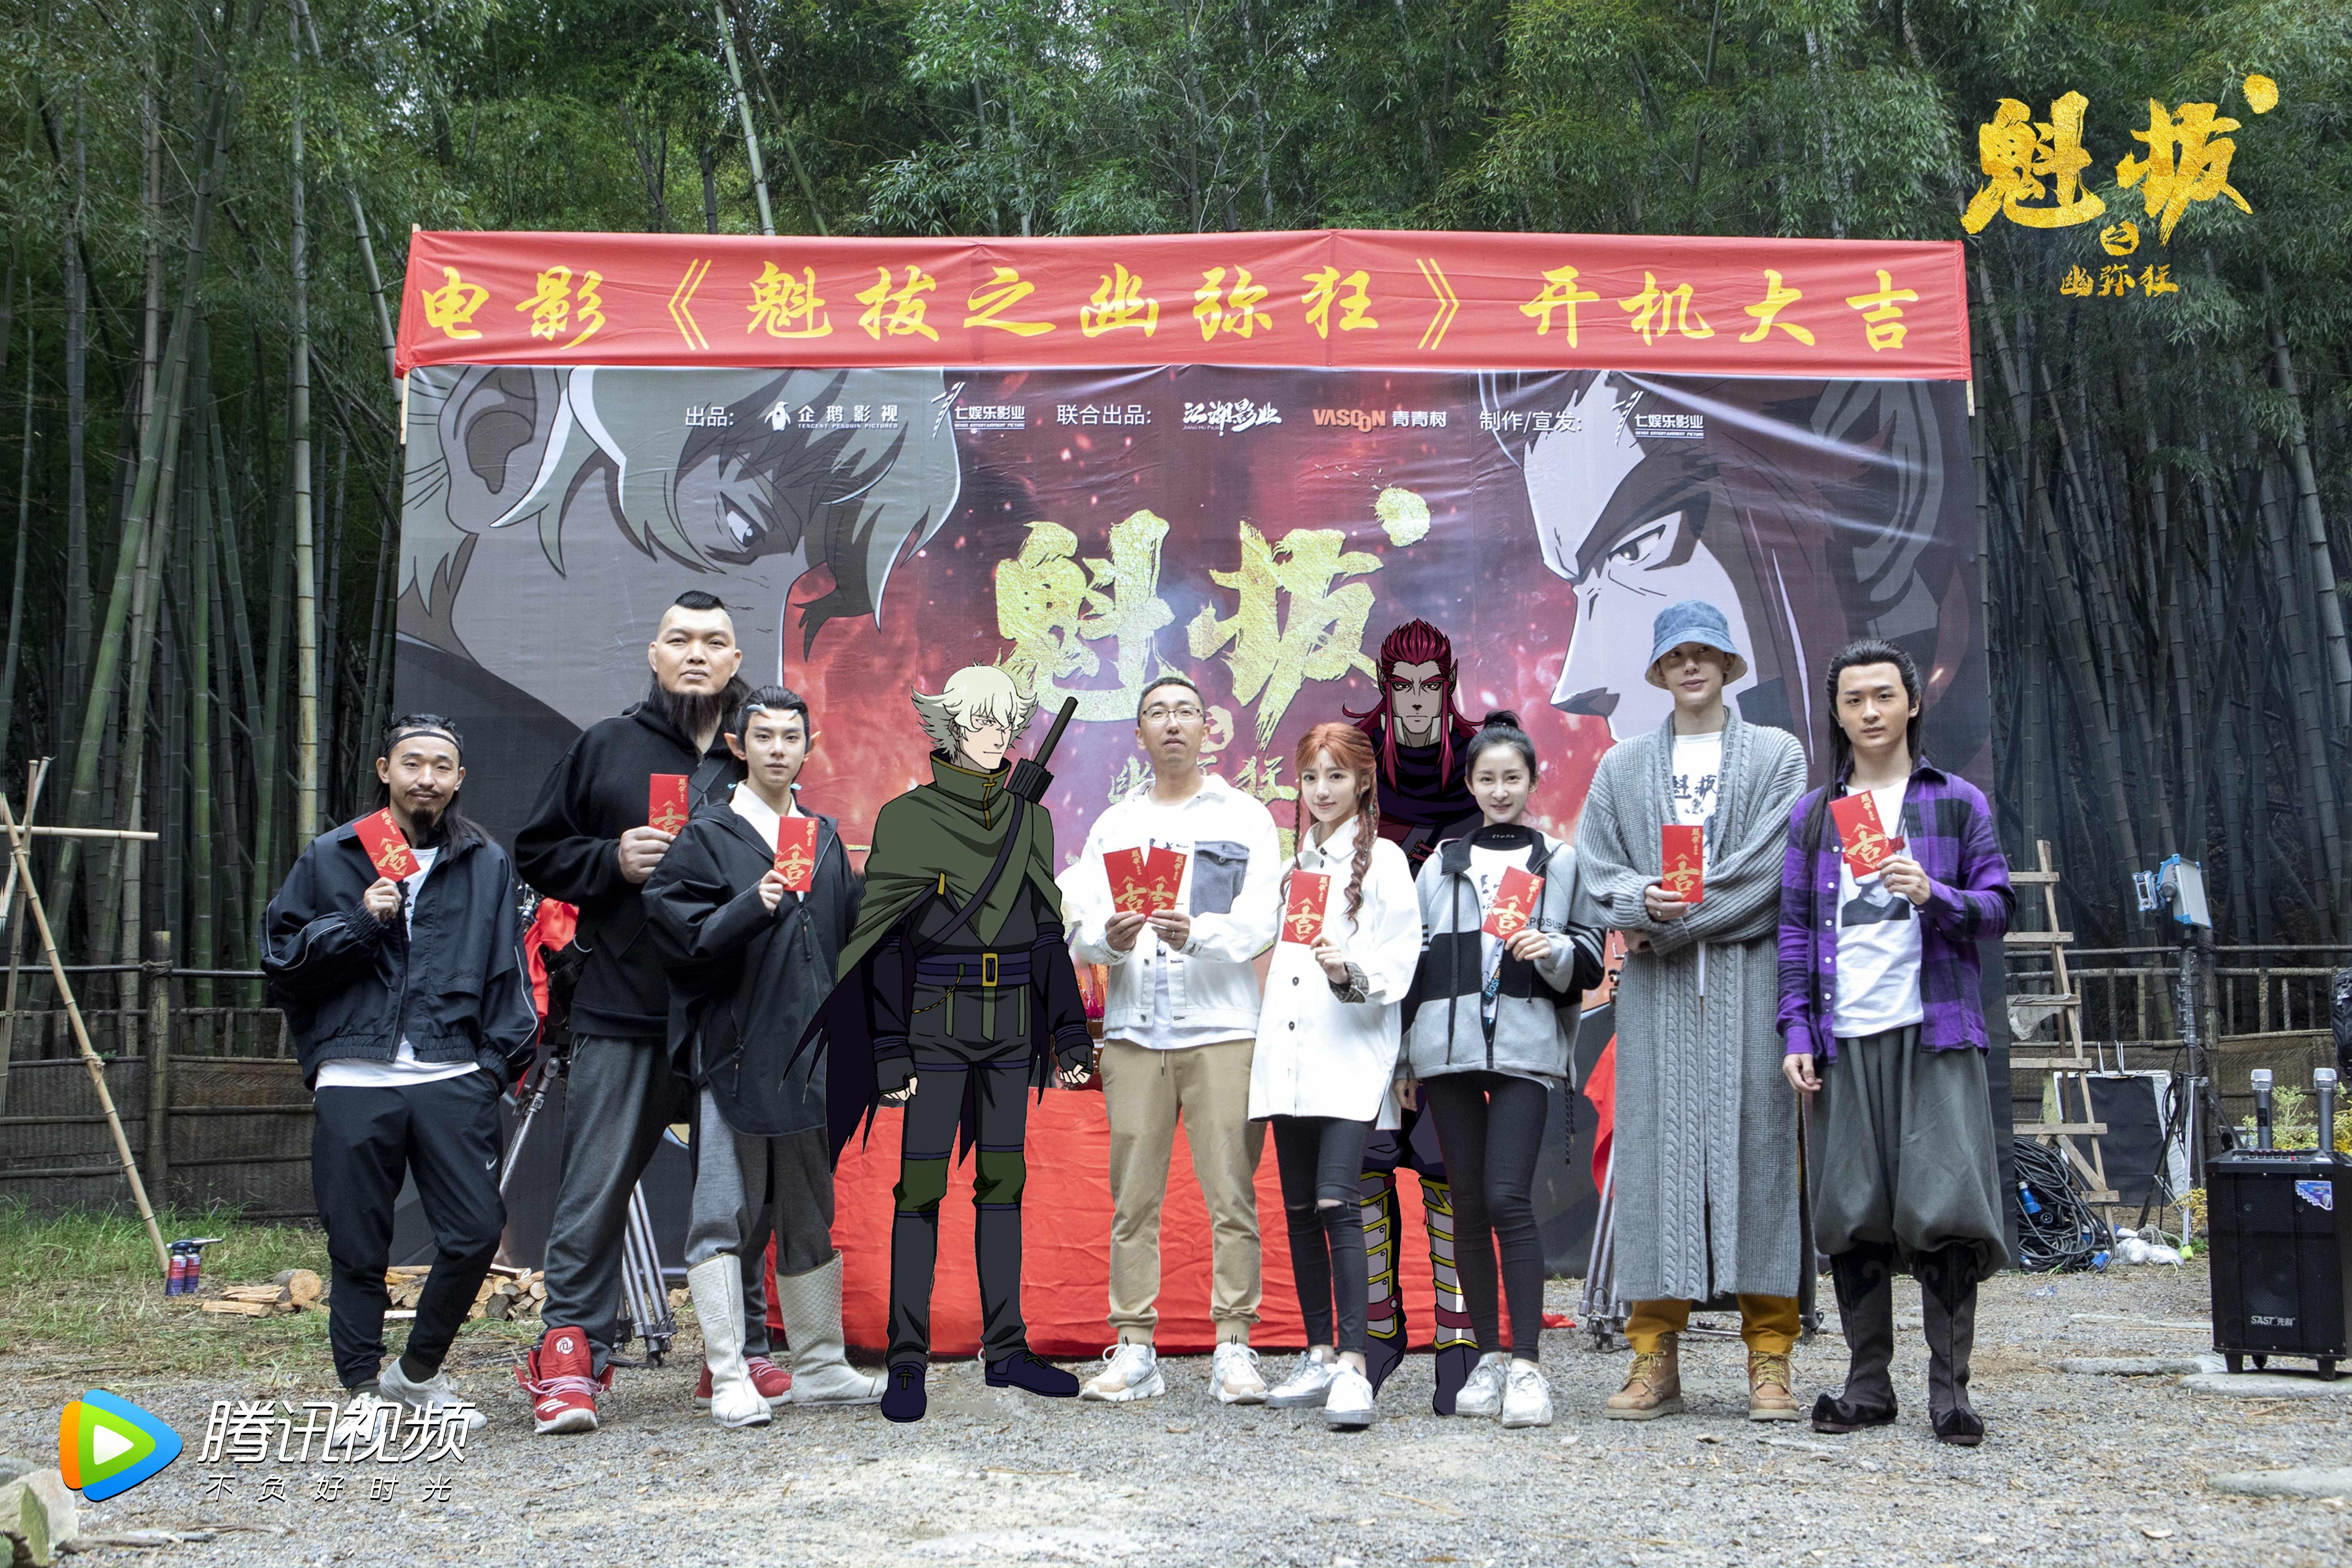 電影《魁拔之幽彌狂》在浙江象山影視城舉行了開機儀式